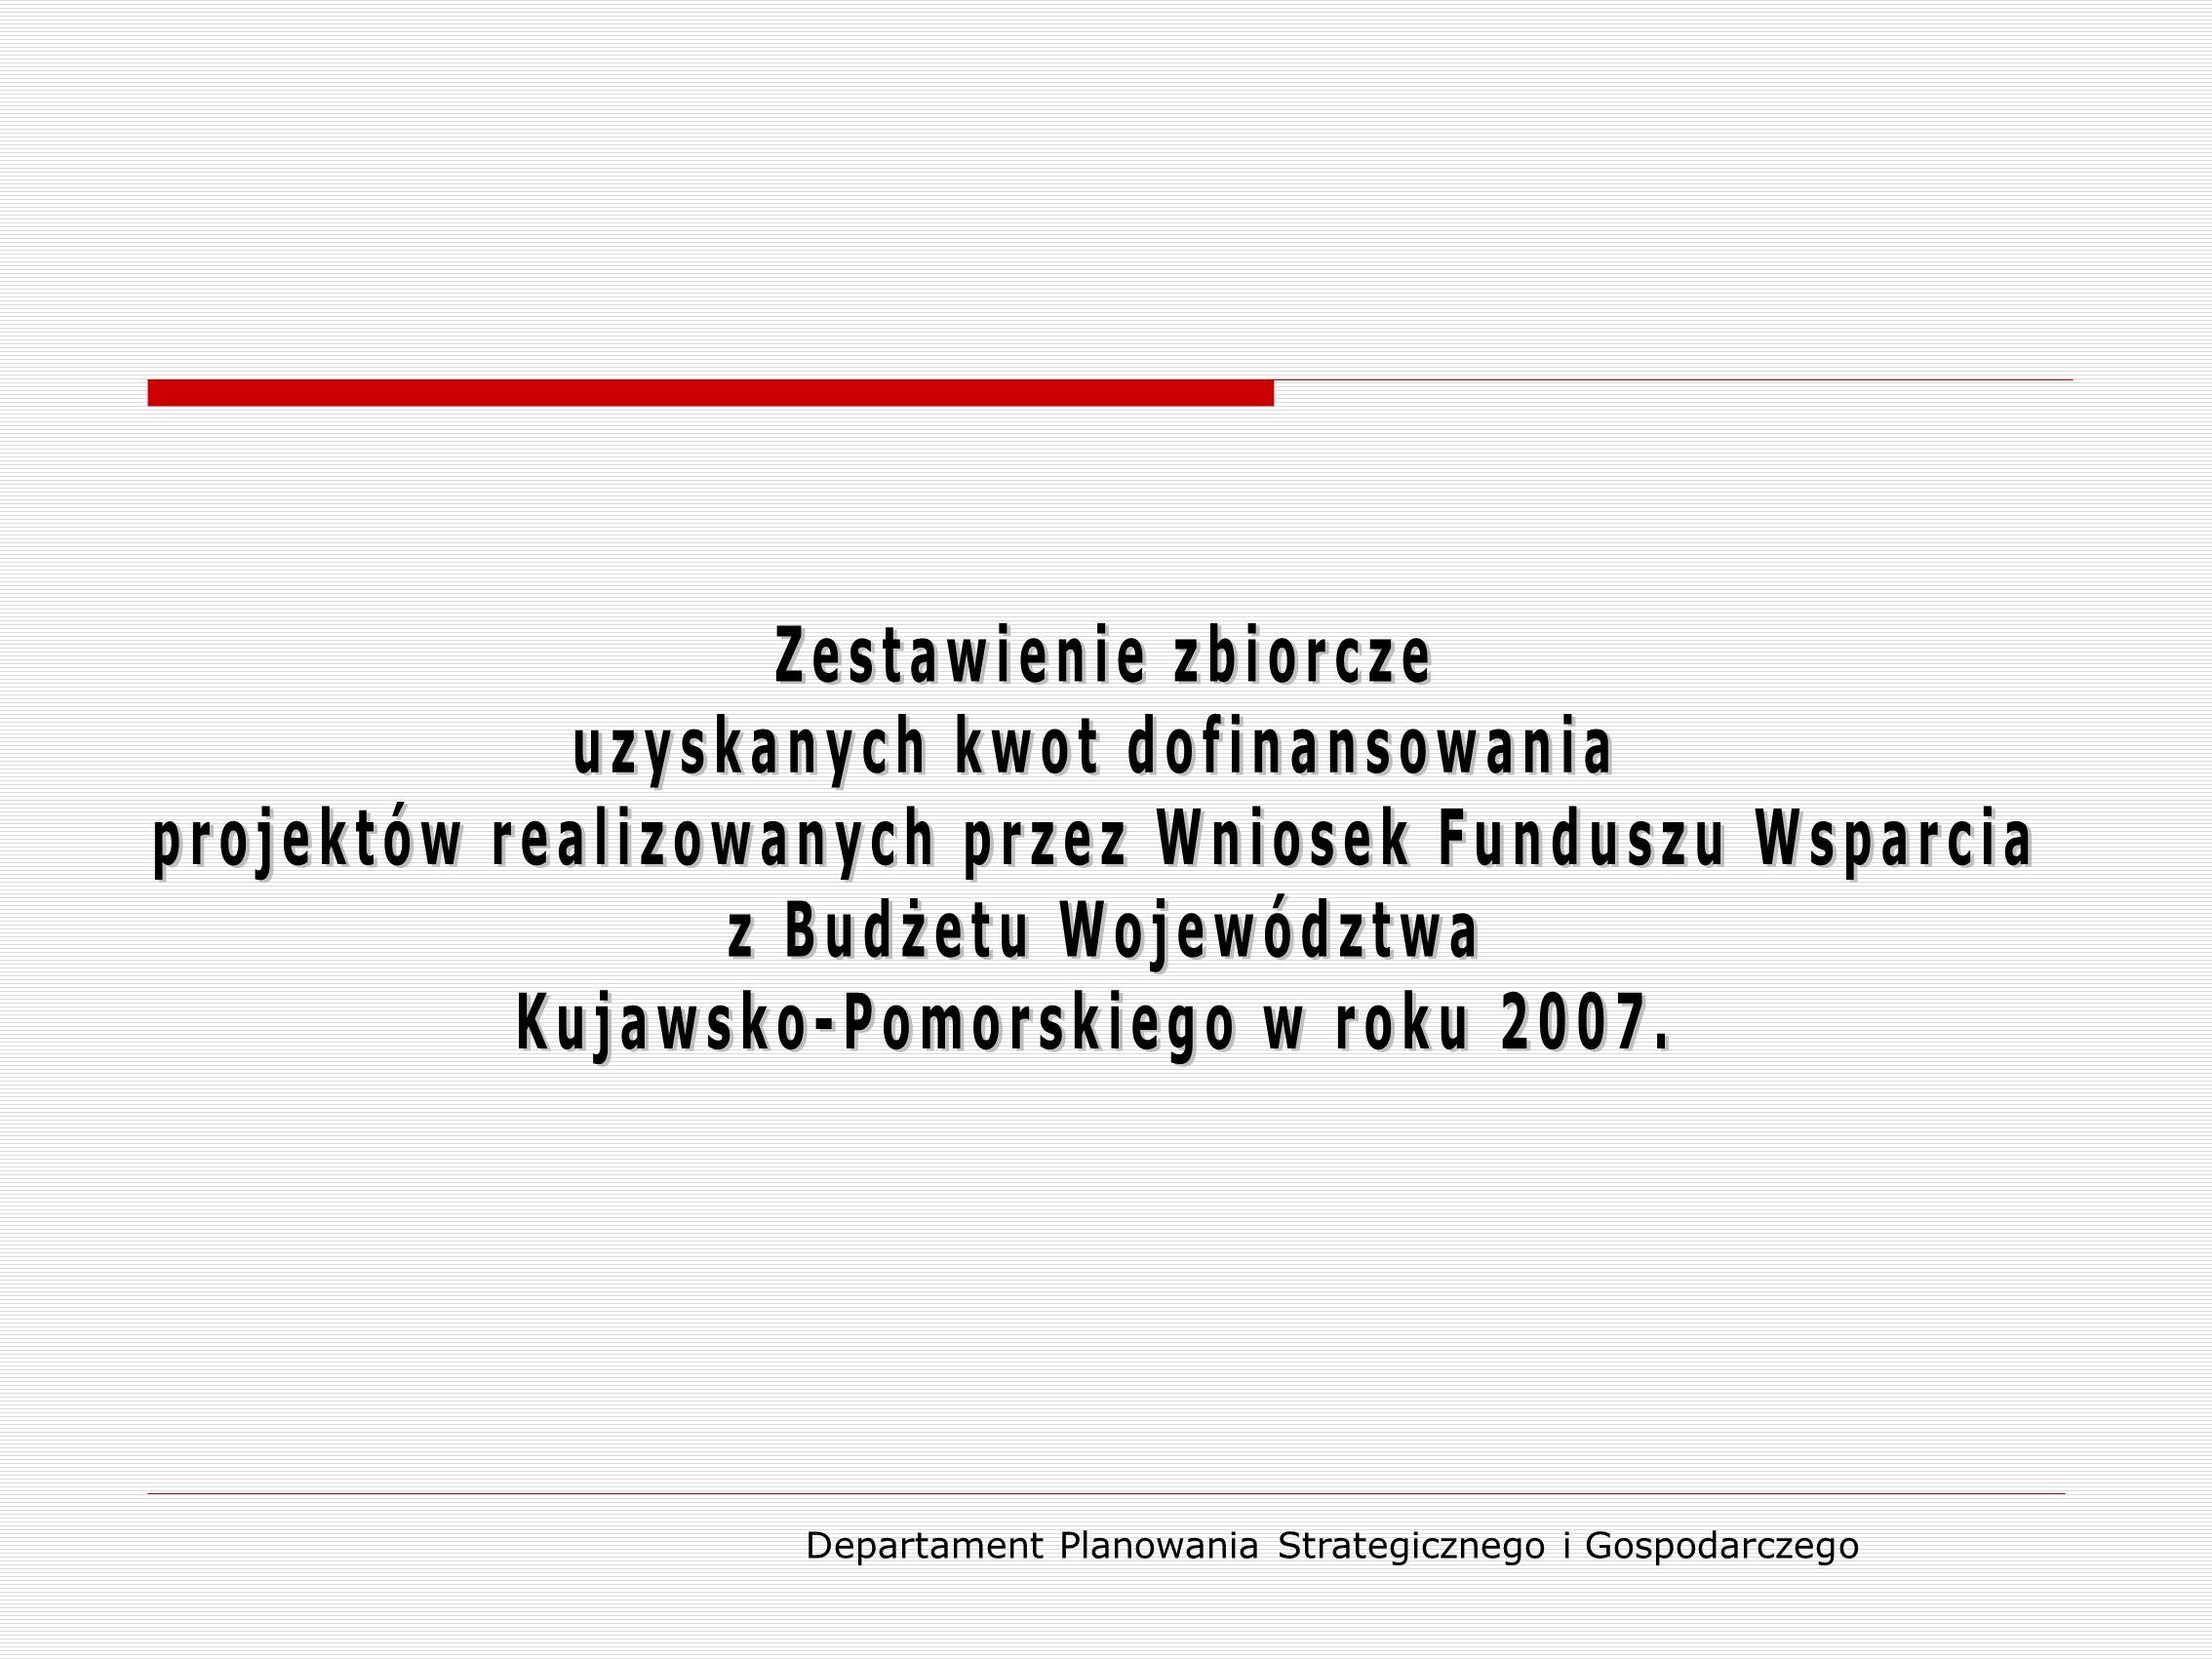 GminaTytuł projektuUzyskana kwota dotacji Aleksandrów KujawskiPrzebudowa (modernizacja) drogi gminnej Rożno-Parcele-Służewo 398 400,00 zł BrzozieRozbudowa stacji uzdatniania wody i sieci wodociągowej w miejscowości Wielkie Leźno 888 242,00 zł ChoceńPoprawa atrakcyjności inwestycyjnej w gminie Choceń poprzez budowę infrastruktury drogowej 409 200,00 zł CiechocinModernizacja drogi gminnej w miejscowości Miliszewy 130 000,00 zł CiechocinRozbudowa gminnej sieci wodociągowej w miejscowości Małszyce i Ciechocin 340 000,00 zł